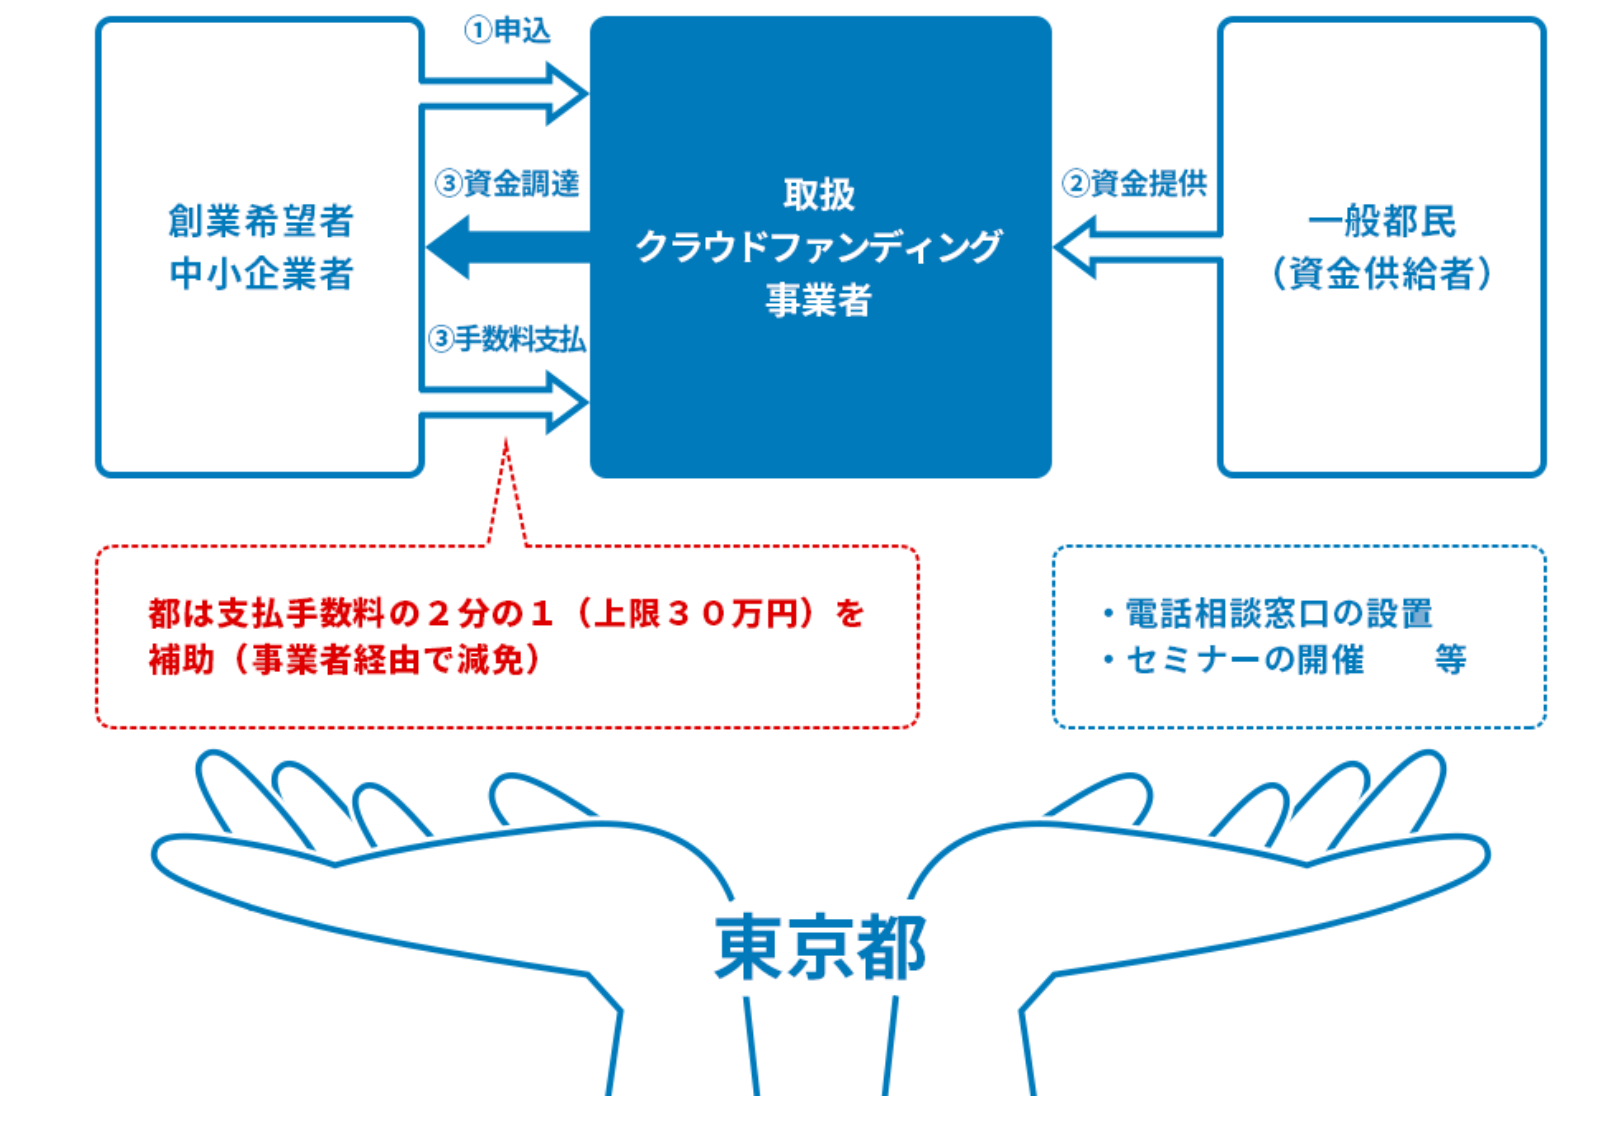 東京都創業クラウド